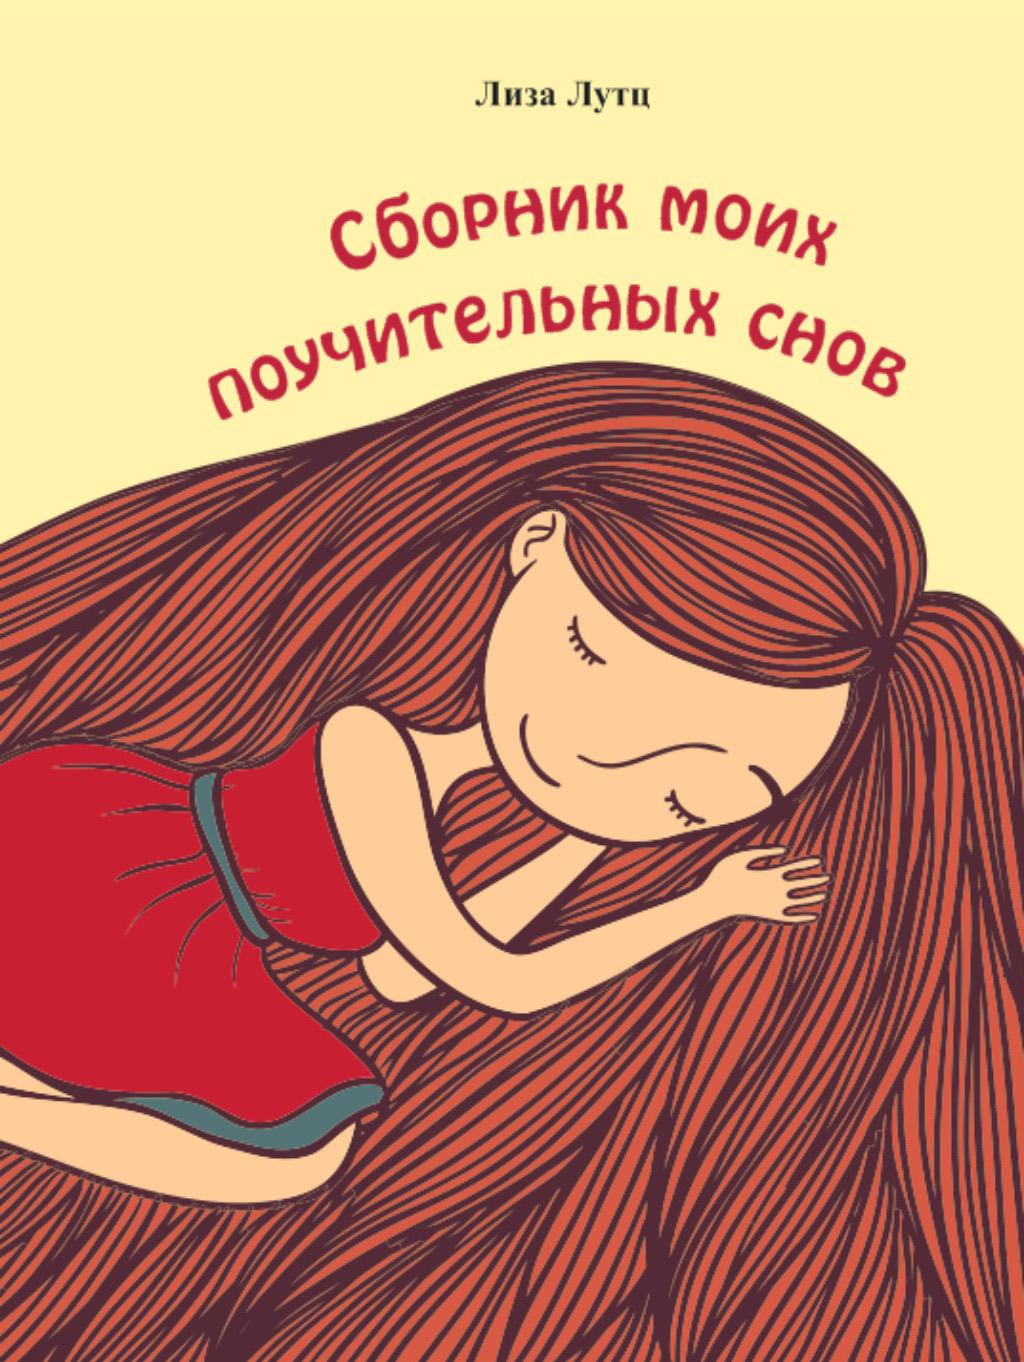 Сборник моих поучительных снов